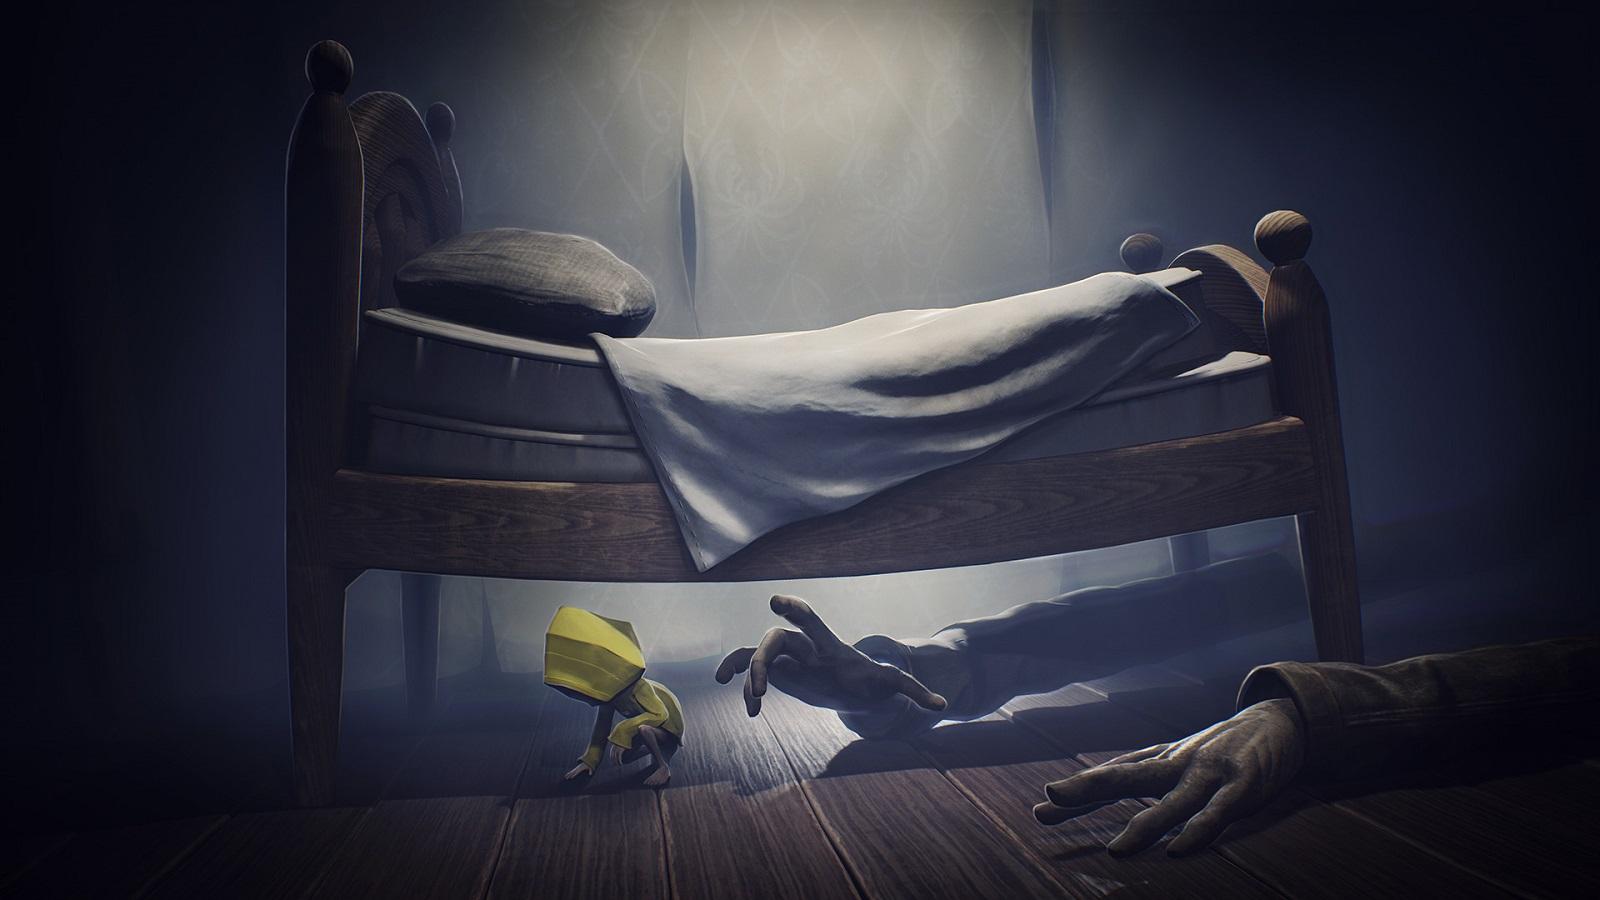 Bandai Namco устроила раздачу Steam-версии Little Nightmares, но получить игру пока проблематично